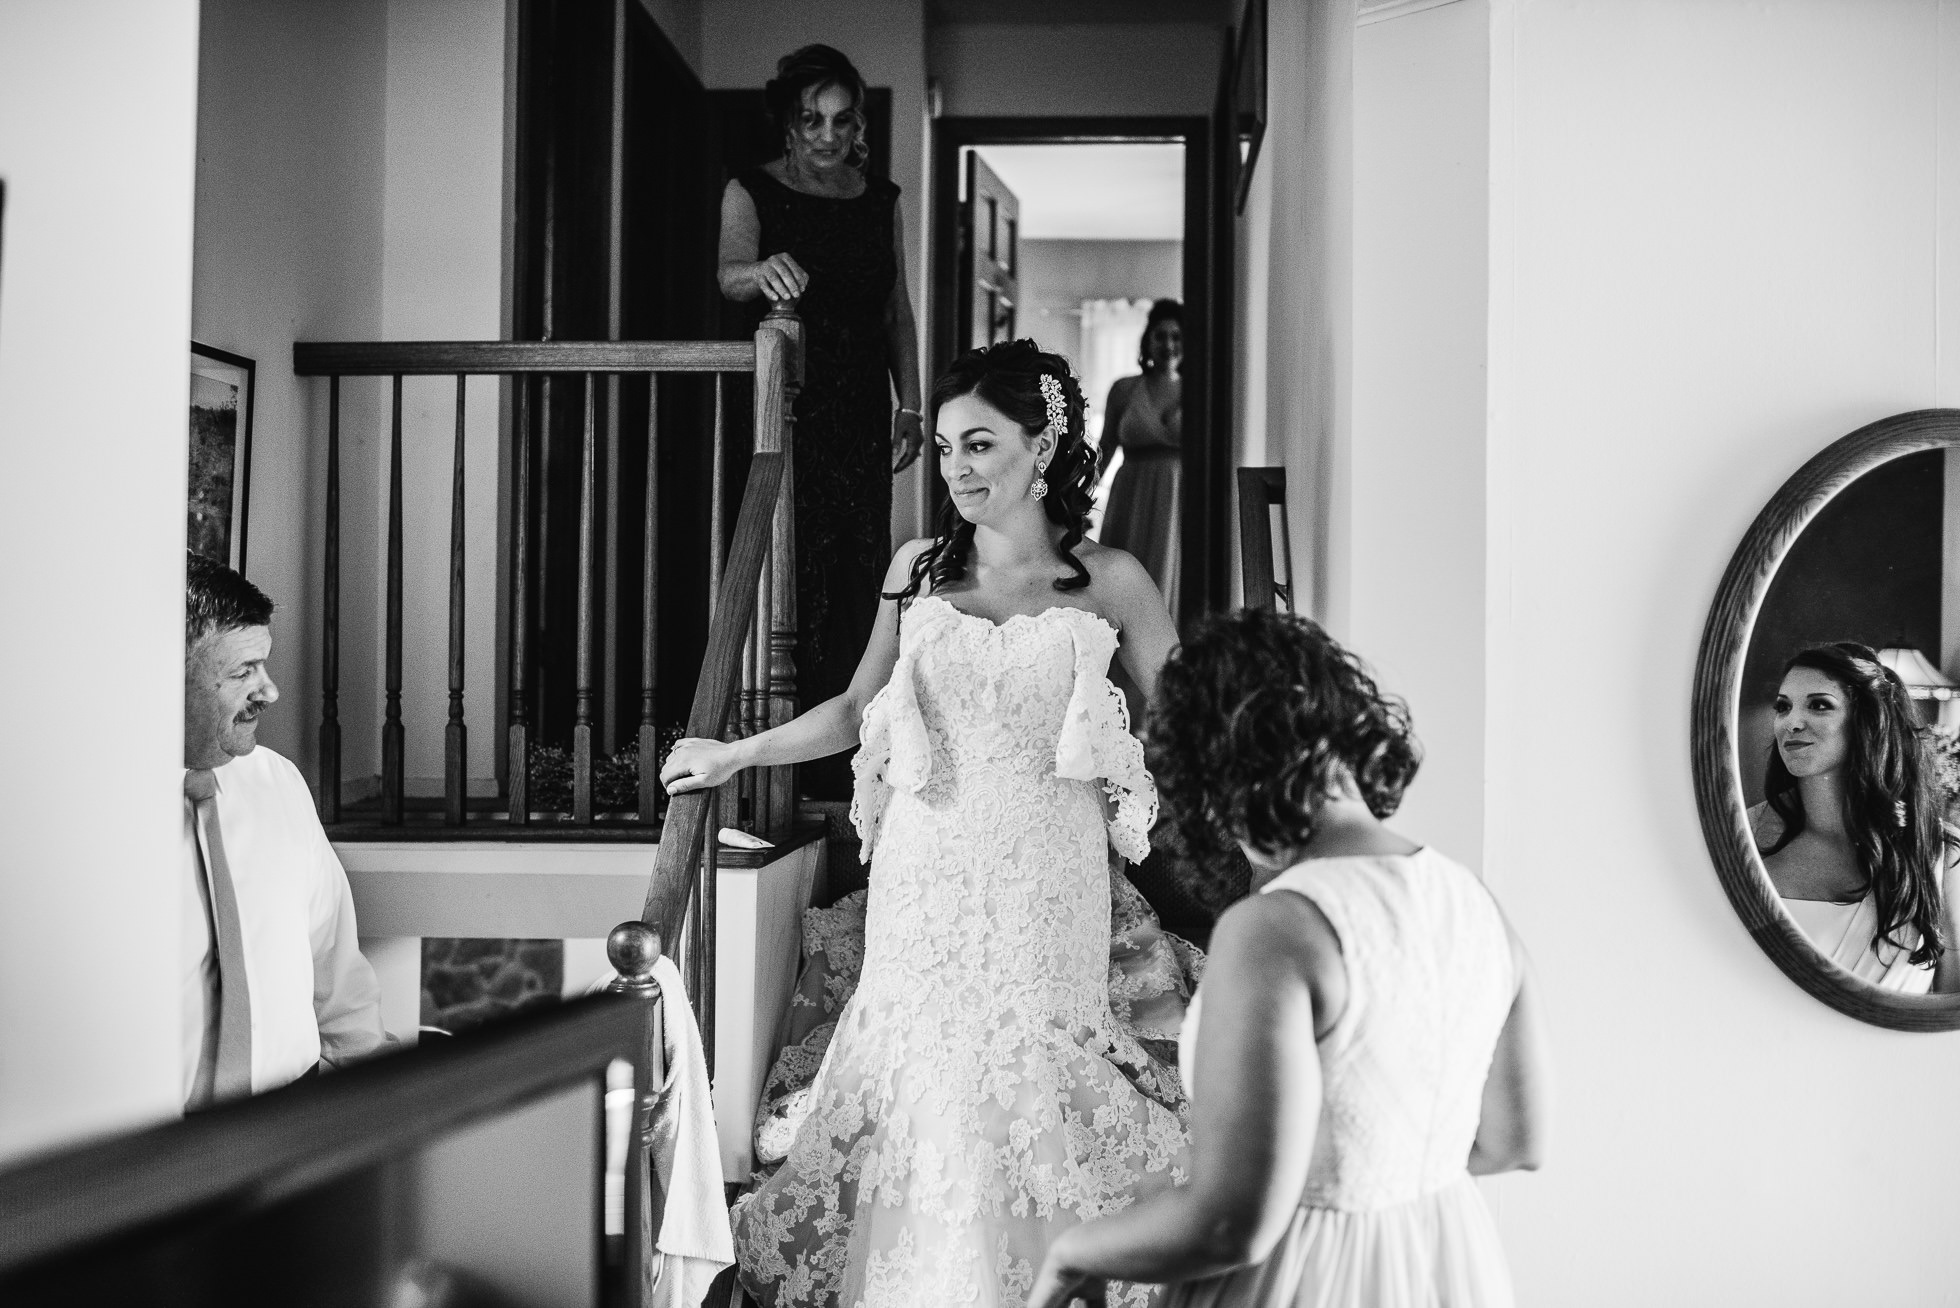 farmingdale bride getting ready